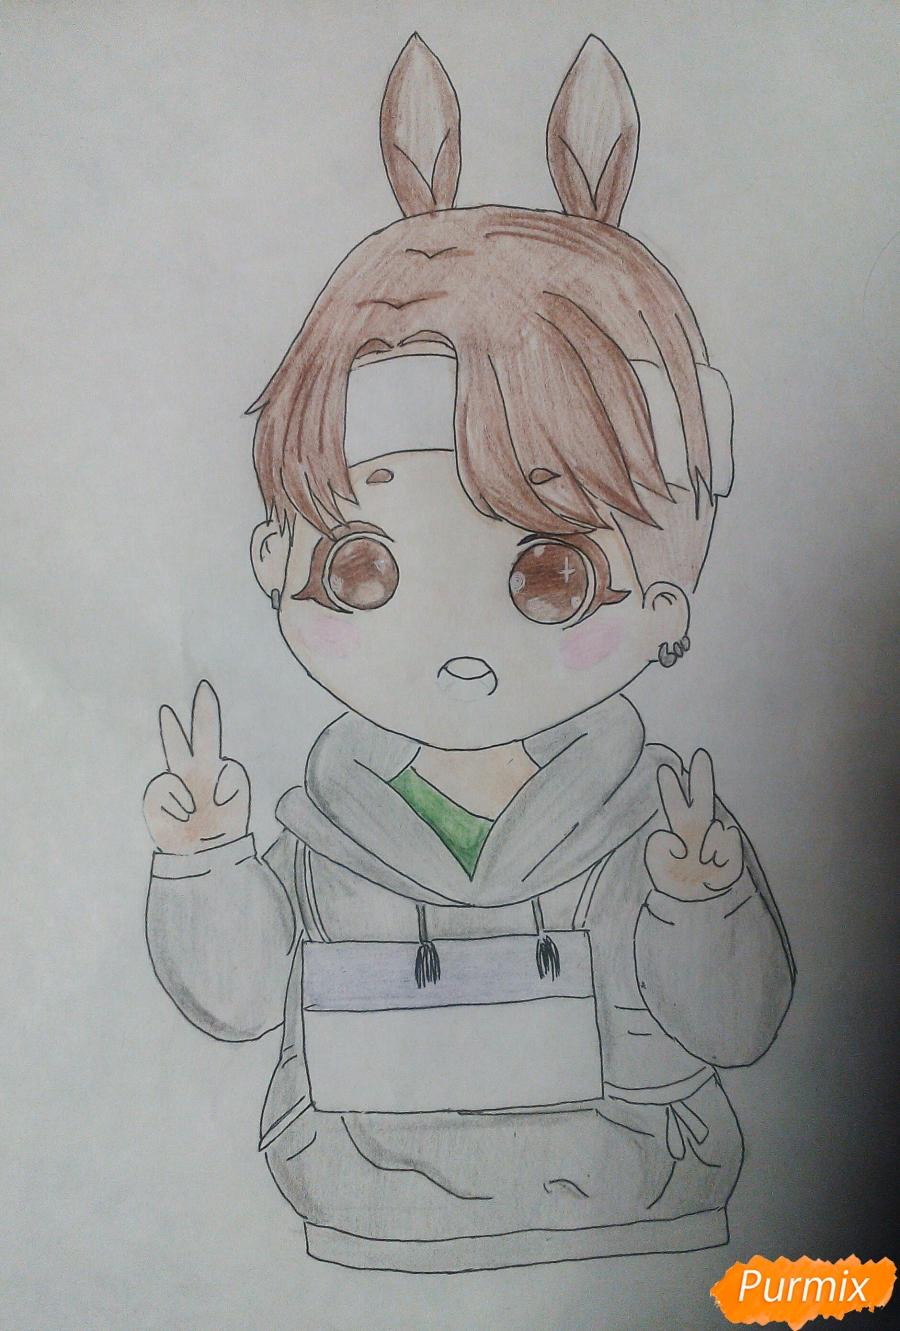 Рисуем маленького мальчика в стиле чиби карандашами - шаг 7